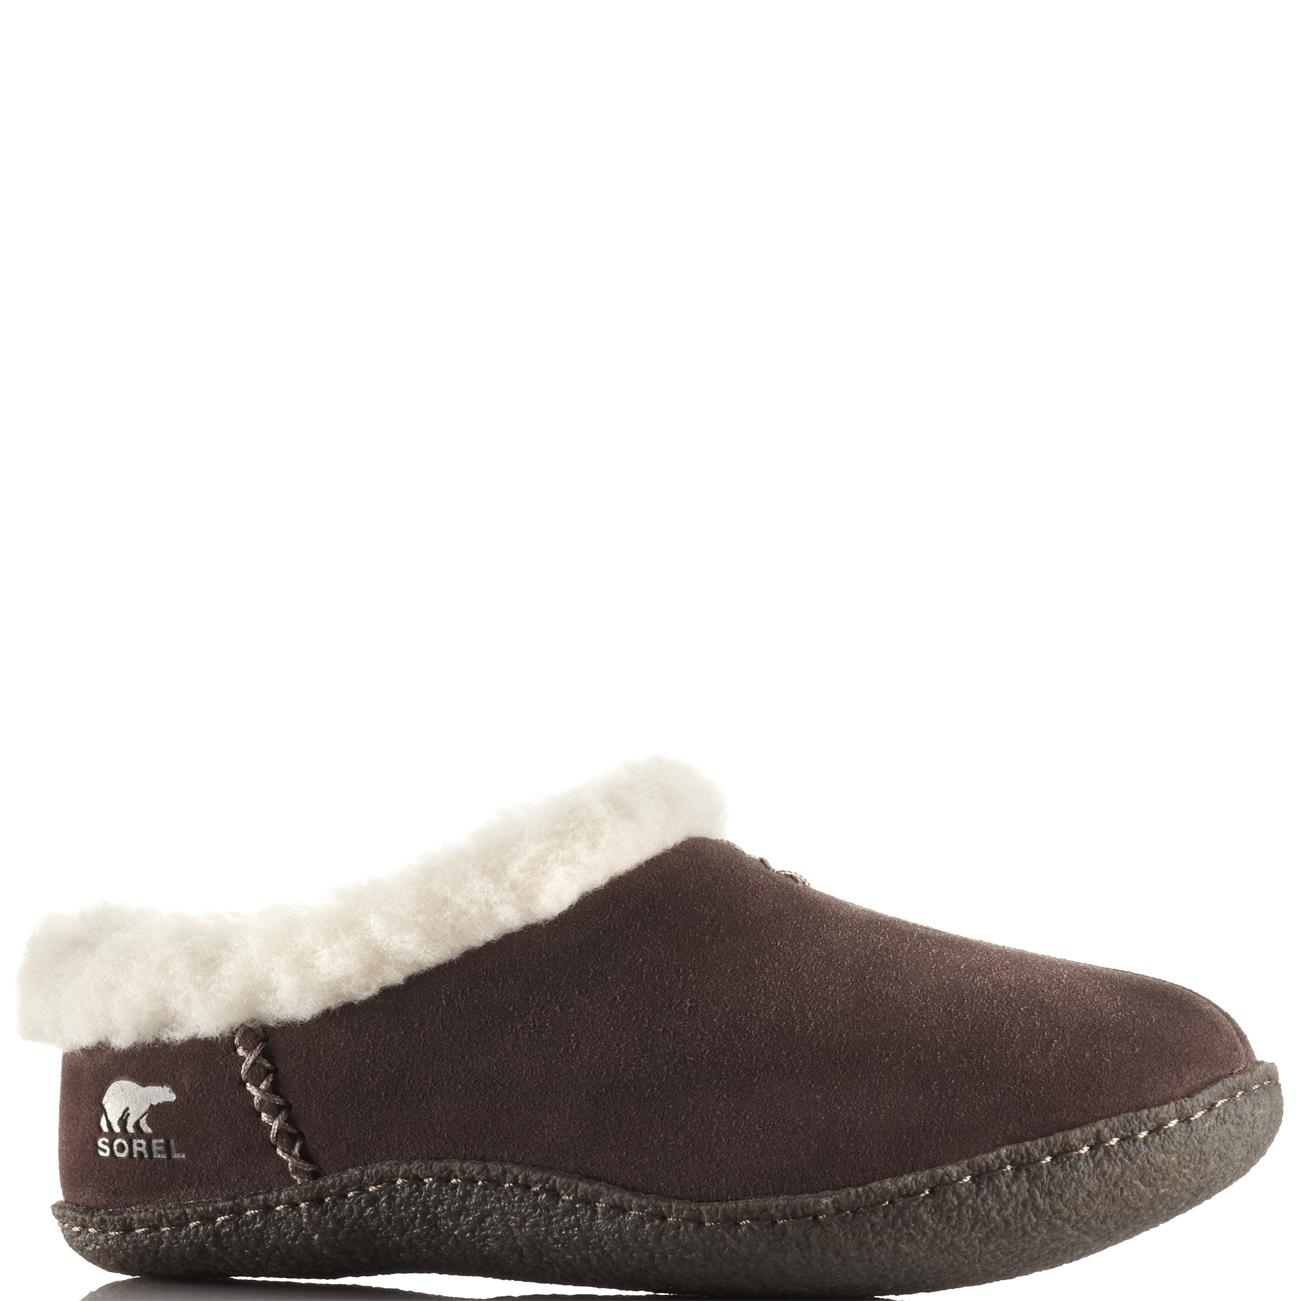 Seora Sorel nakiska slide invierno Pelz forradas de gamuza 36-42 zapatillas UE 36-42 gamuza 72d767